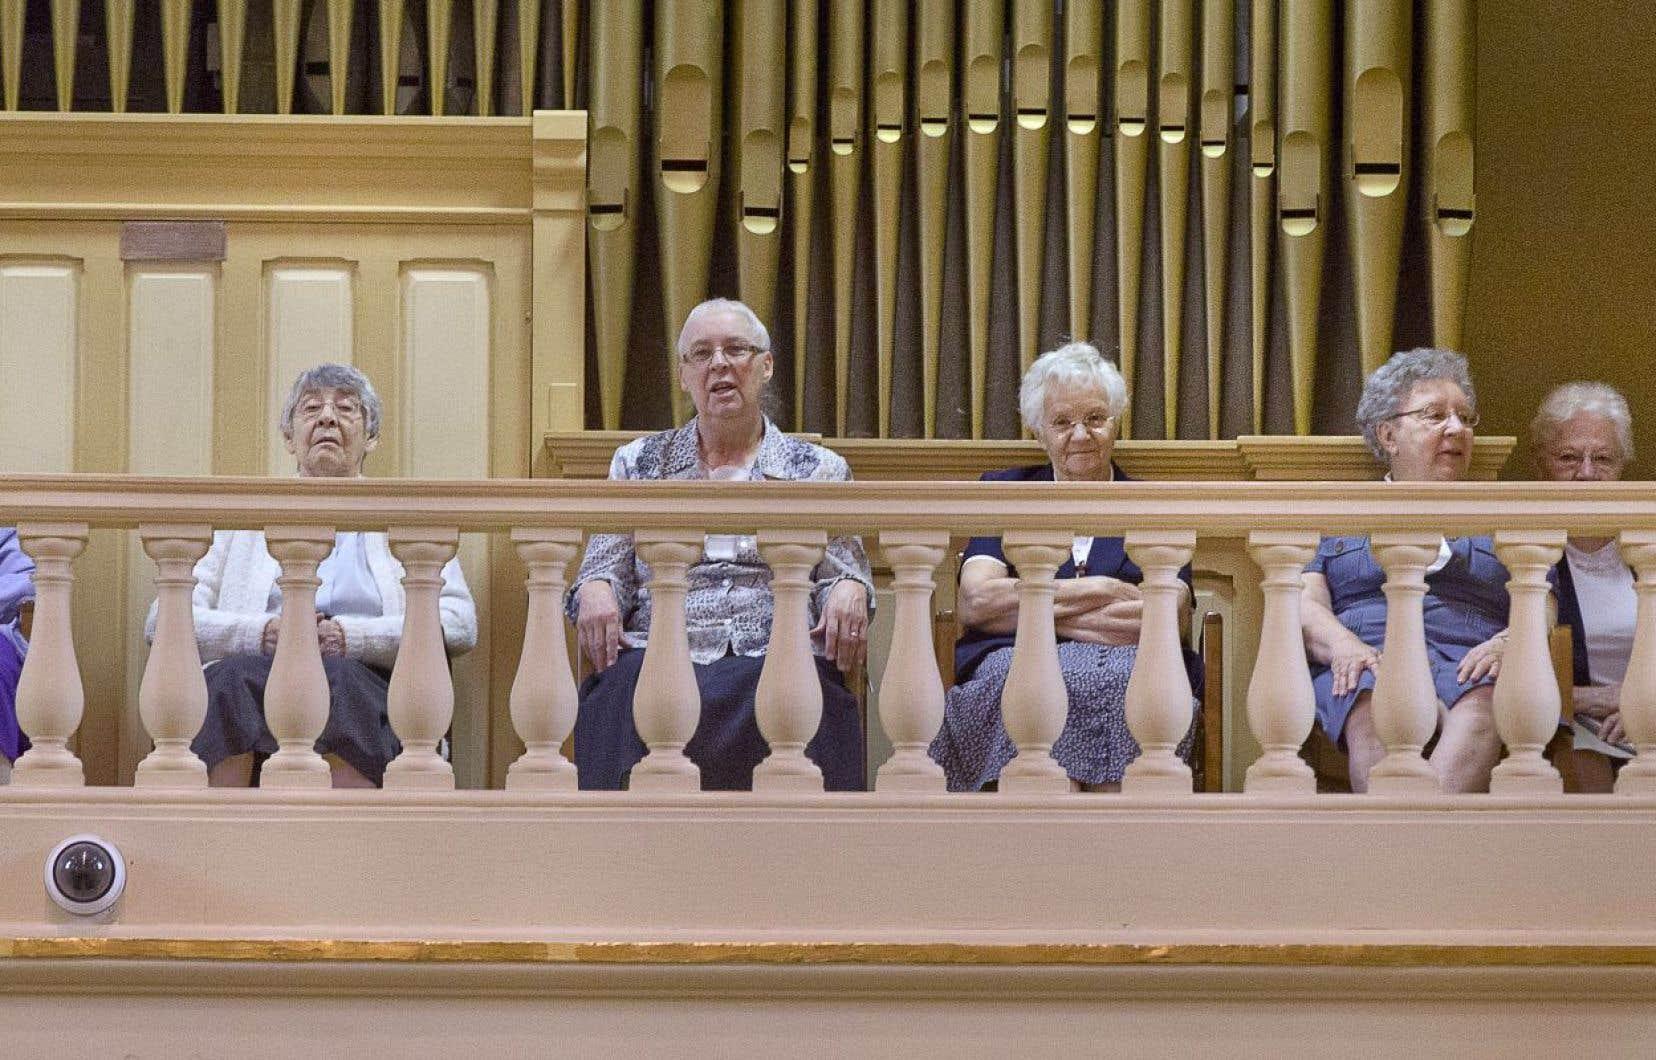 «Si on est ici aujourd'hui, c'est beaucoup grâce à vous, à ce que vous avez apporté à Montréal», a lancé le maire Denis Coderre aux sœurs de la congrégation des religieuses hospitalières de Saint-Joseph rassemblées pour assister à l'annonce dans les bâtiments mêmes du lieu historique.